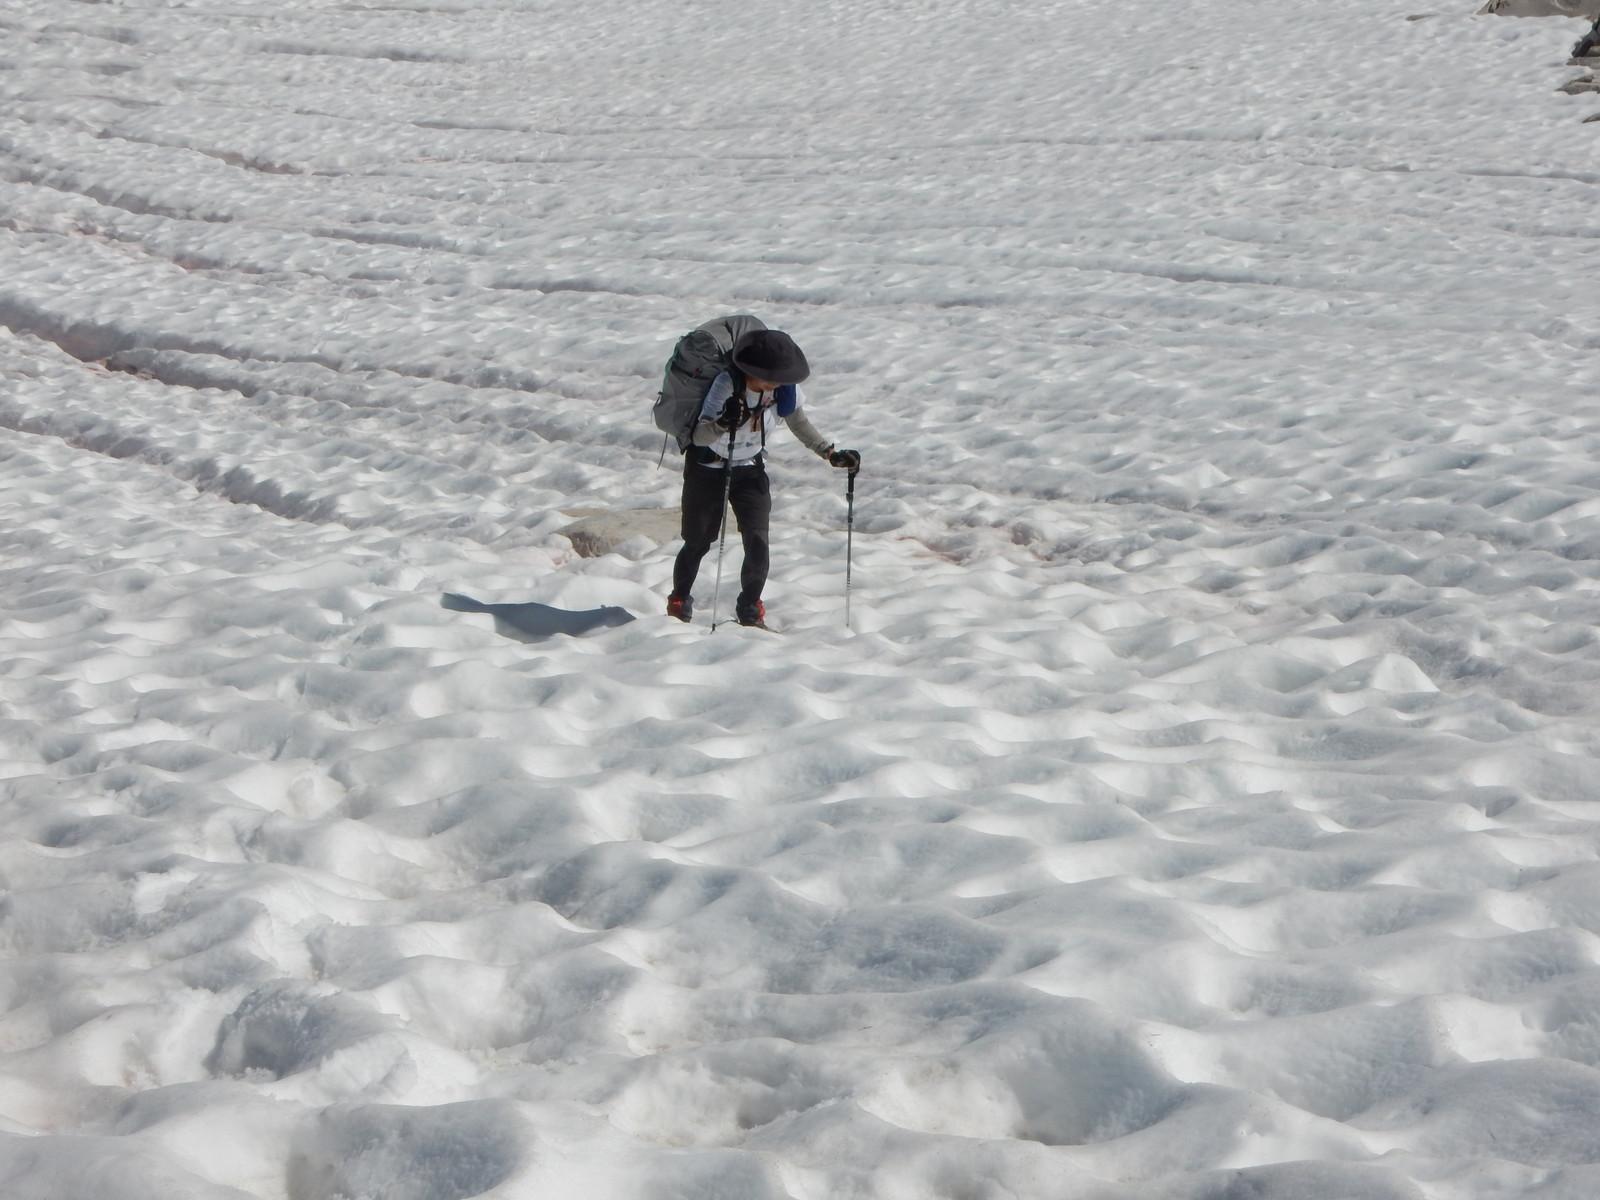 ジョンミューアトレイ、雪のパス(峠)超え